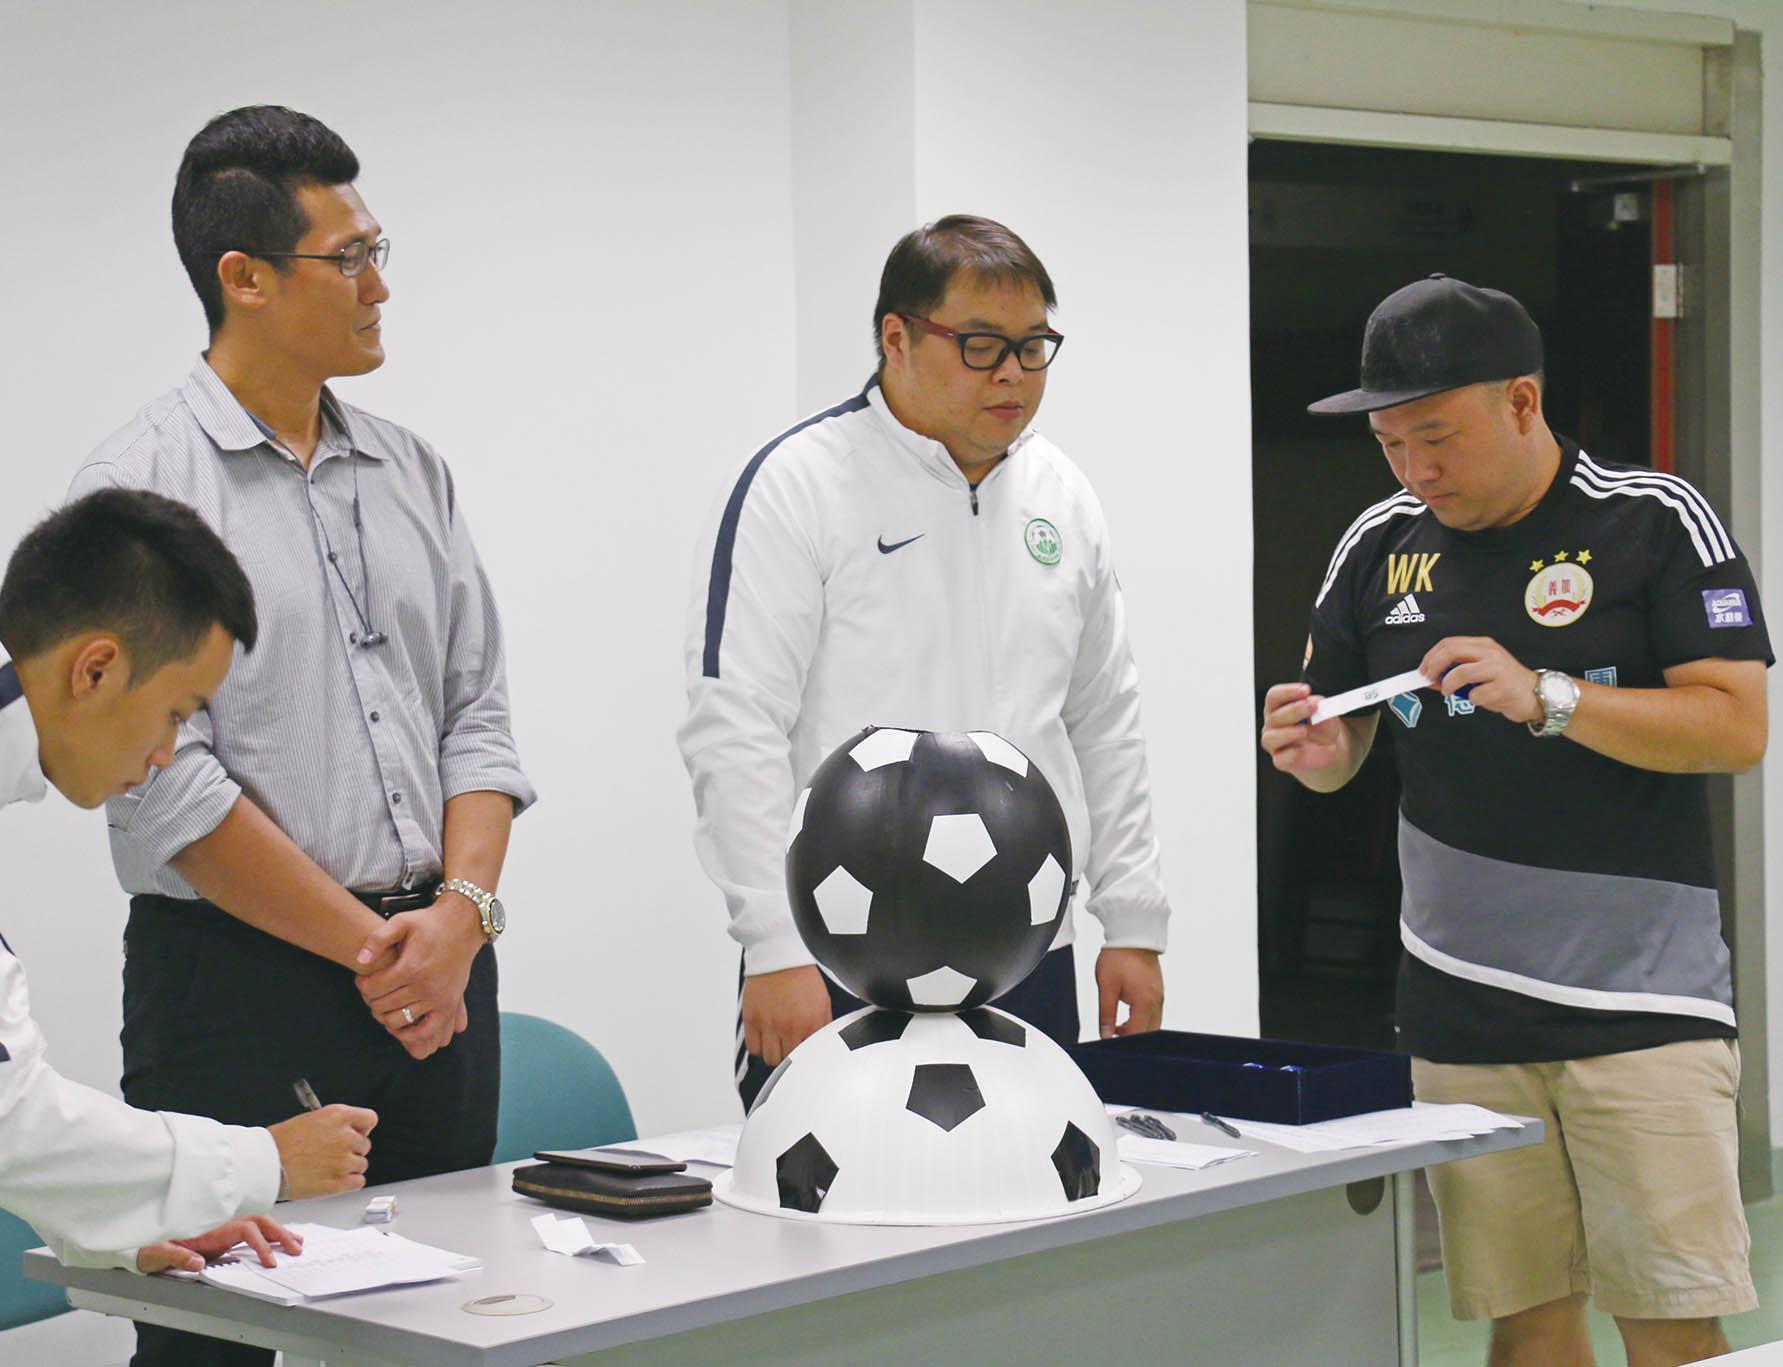 七人足球賽完成分組抽籤